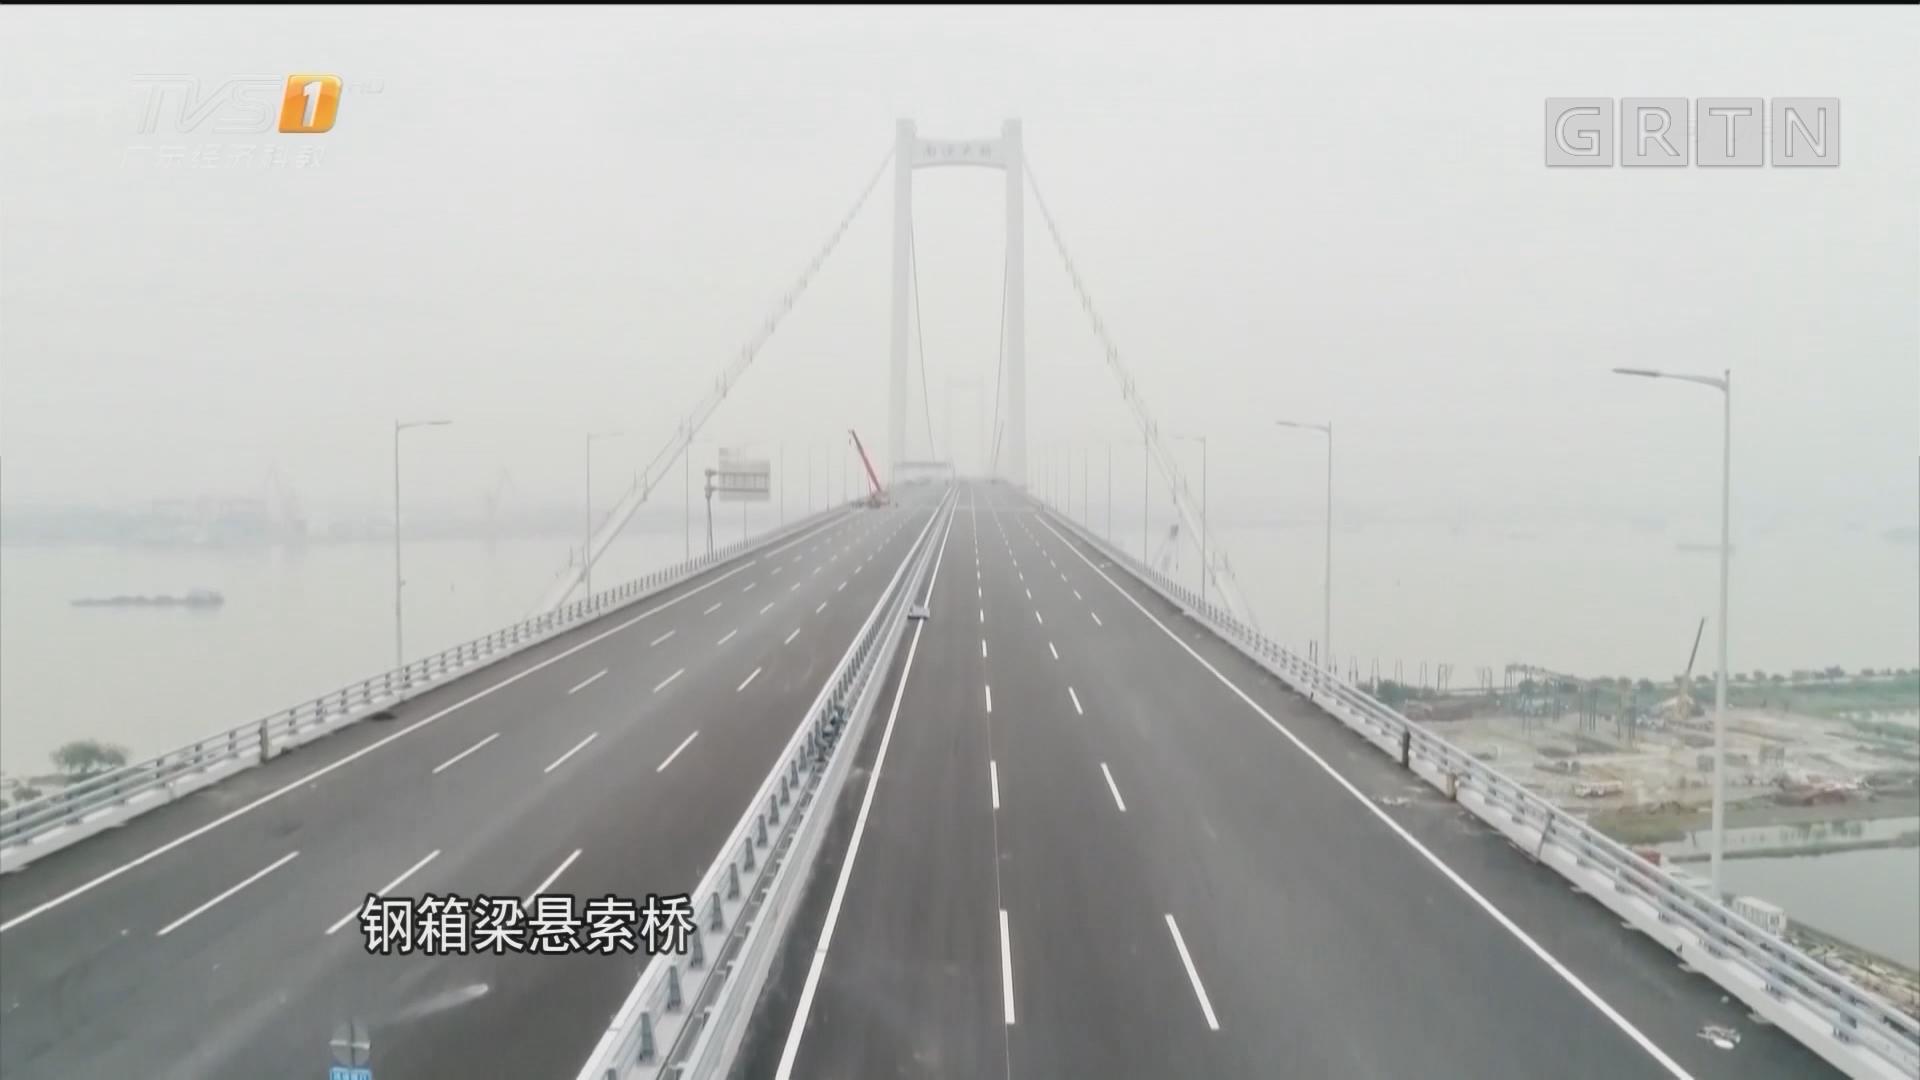 航拍粤港澳大湾区?南沙大桥:一桥架两岸 天堑增新途